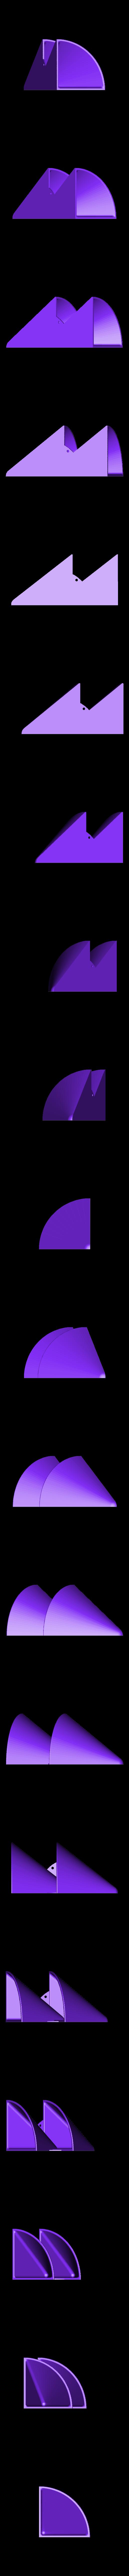 corner wall flower pot.stl Télécharger fichier STL gratuit pot de fleur en coin • Design imprimable en 3D, Cihan_Serbest